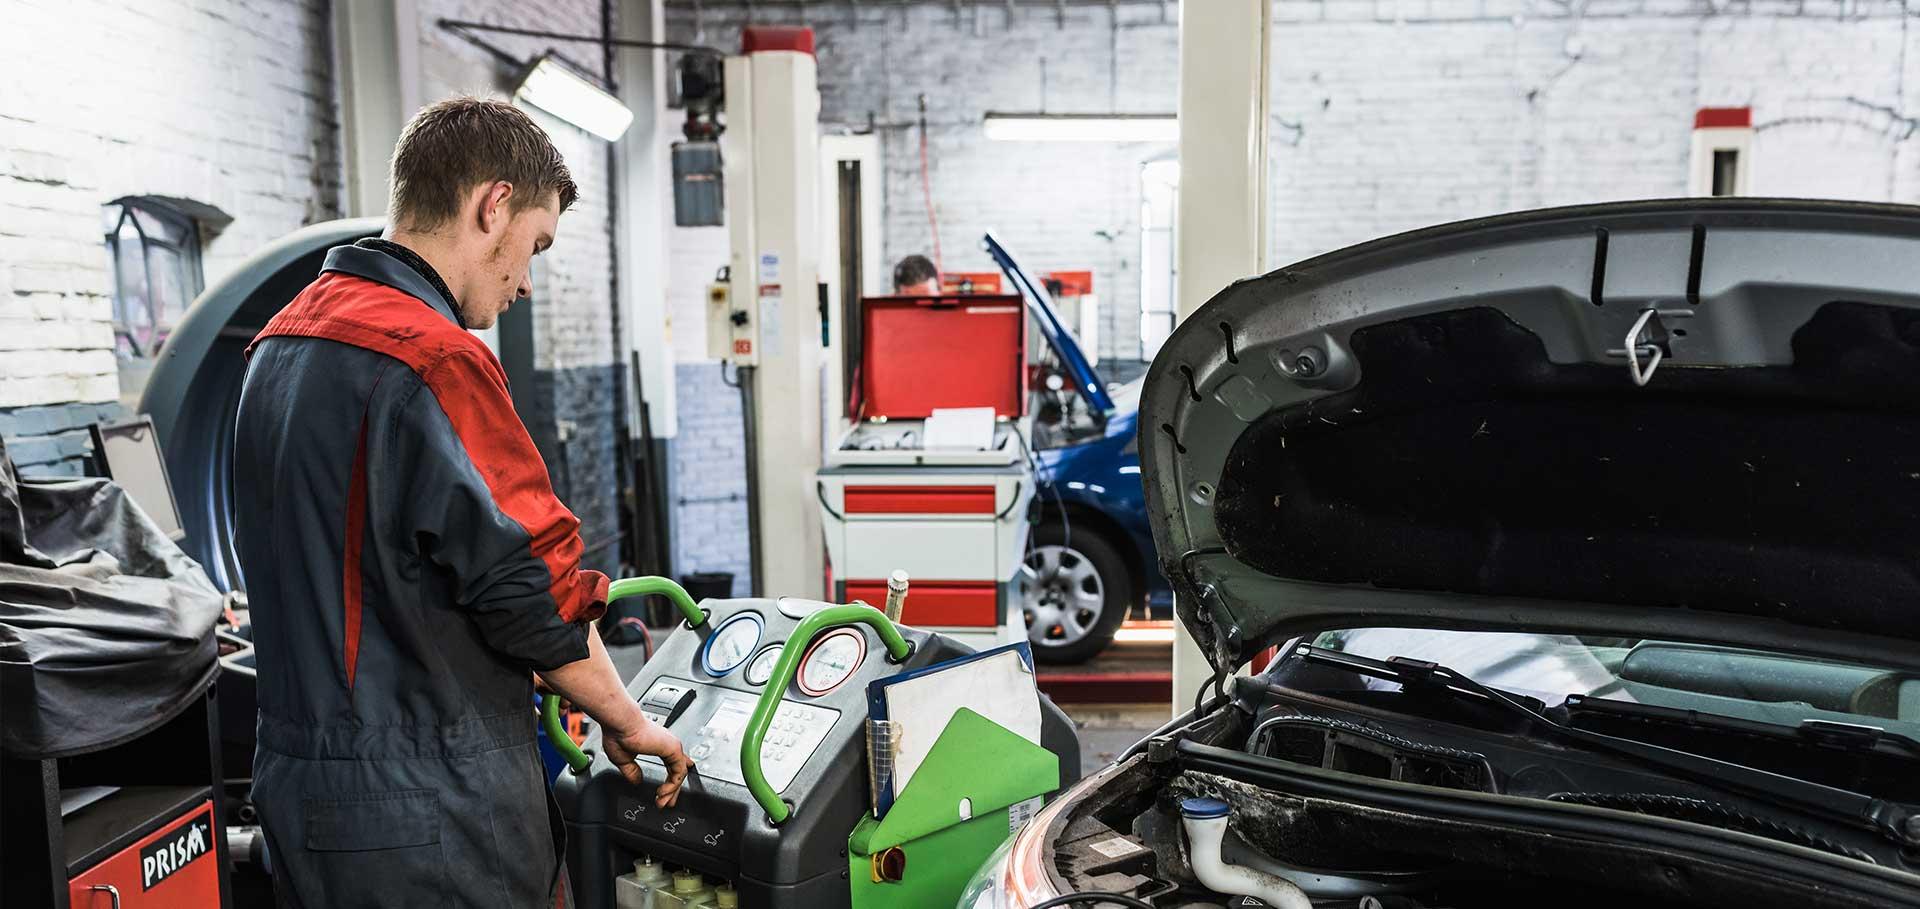 Aircoservice Autobedrijf Gert Weesies in Zandeweer